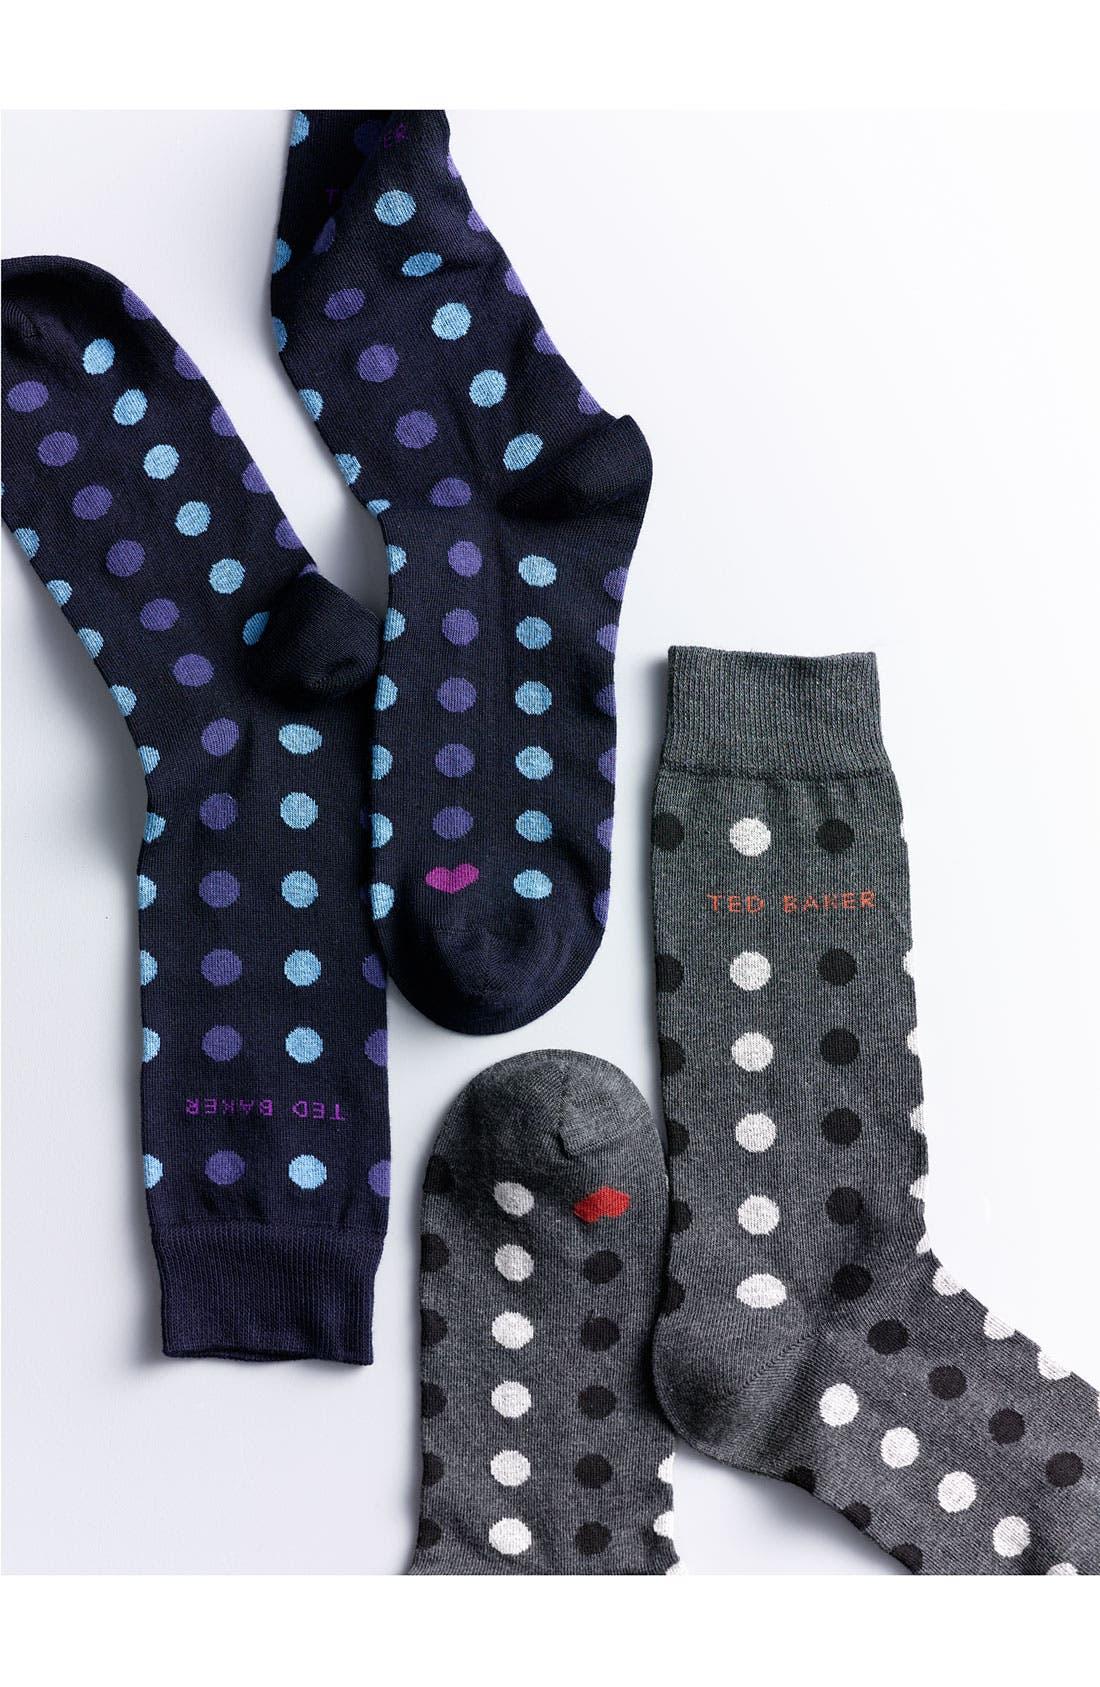 Alternate Image 2  - Ted Baker London Repeated Spot Calf Length Socks